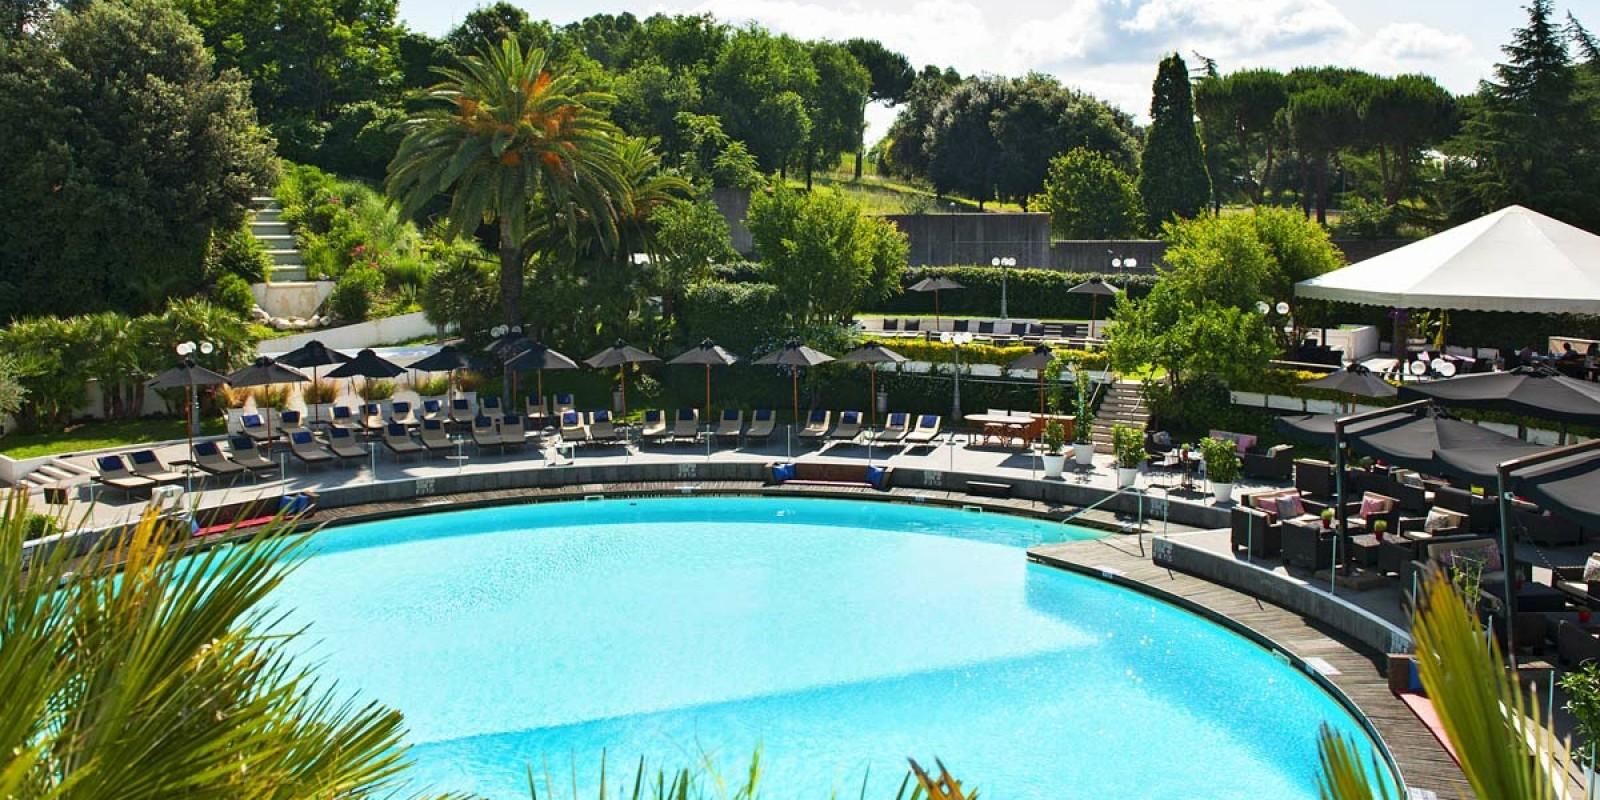 Dove rinfrescarsi in piscina a roma in estate - Hotel piscina roma ...